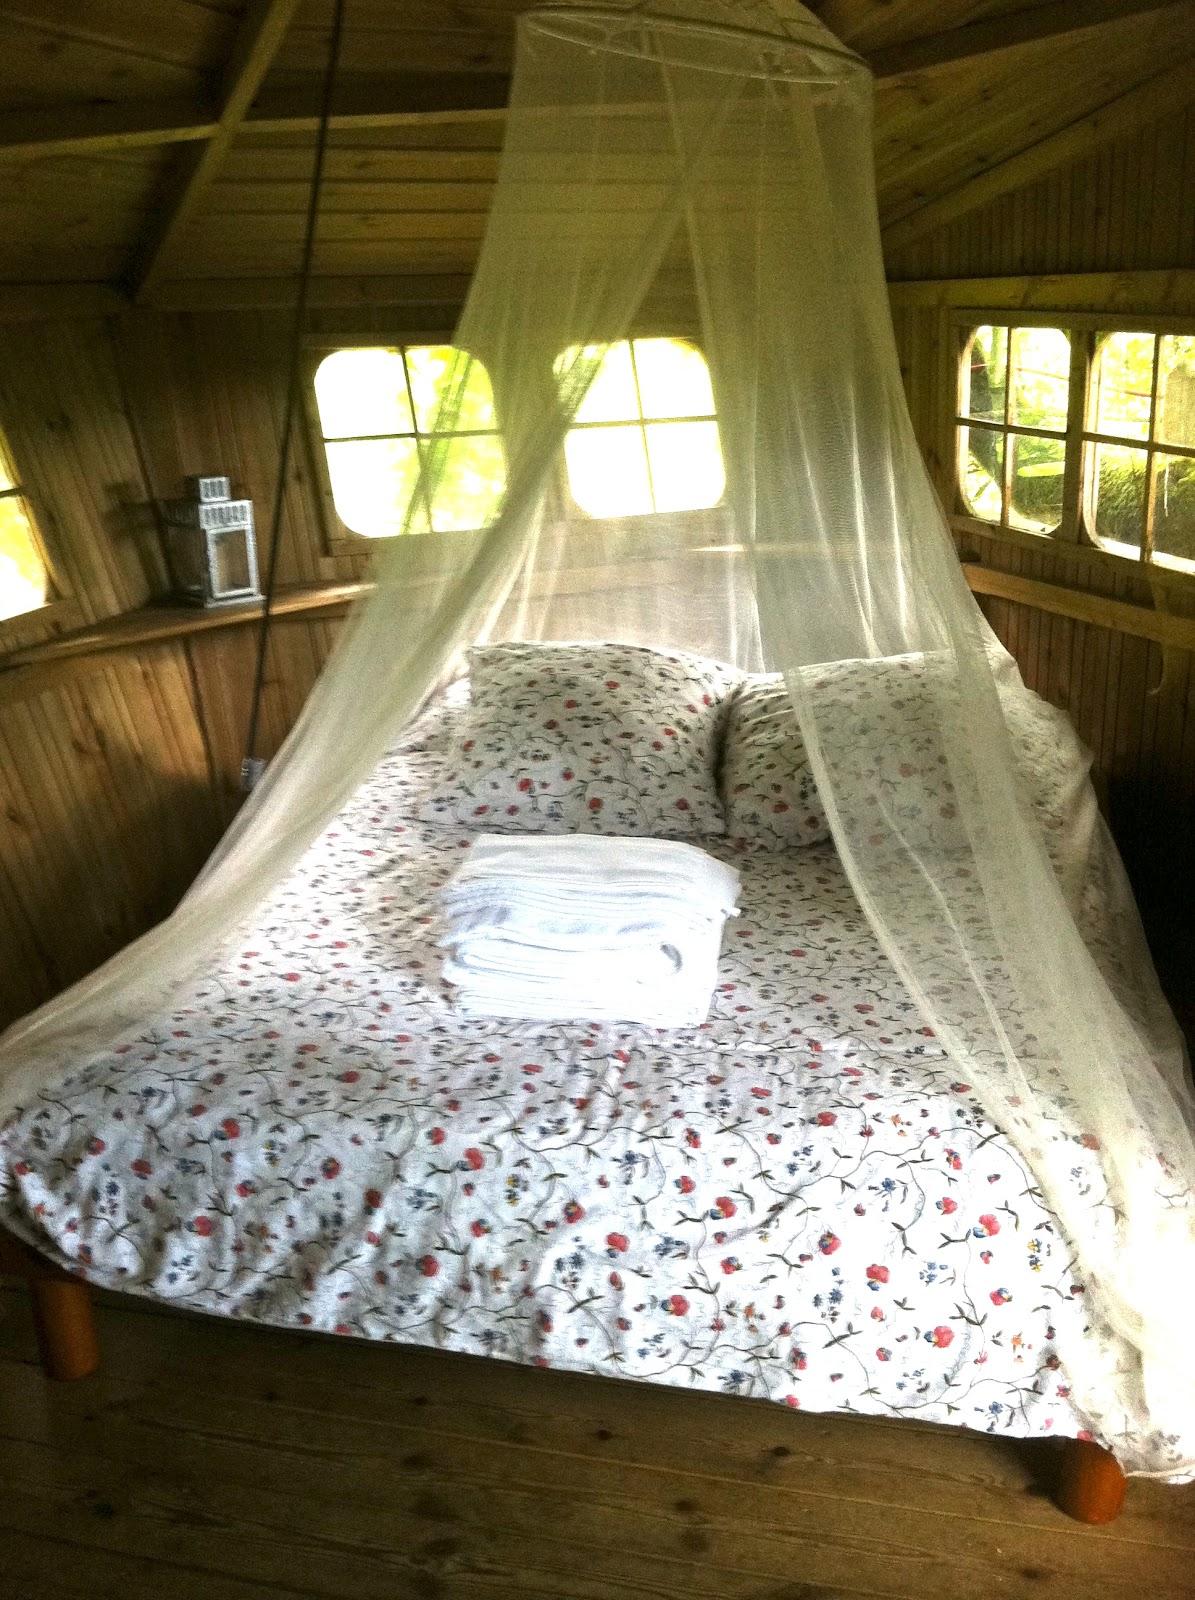 bonobo et la cabane en l 39 air slanelle style blog mode voyage musique beaut paris. Black Bedroom Furniture Sets. Home Design Ideas